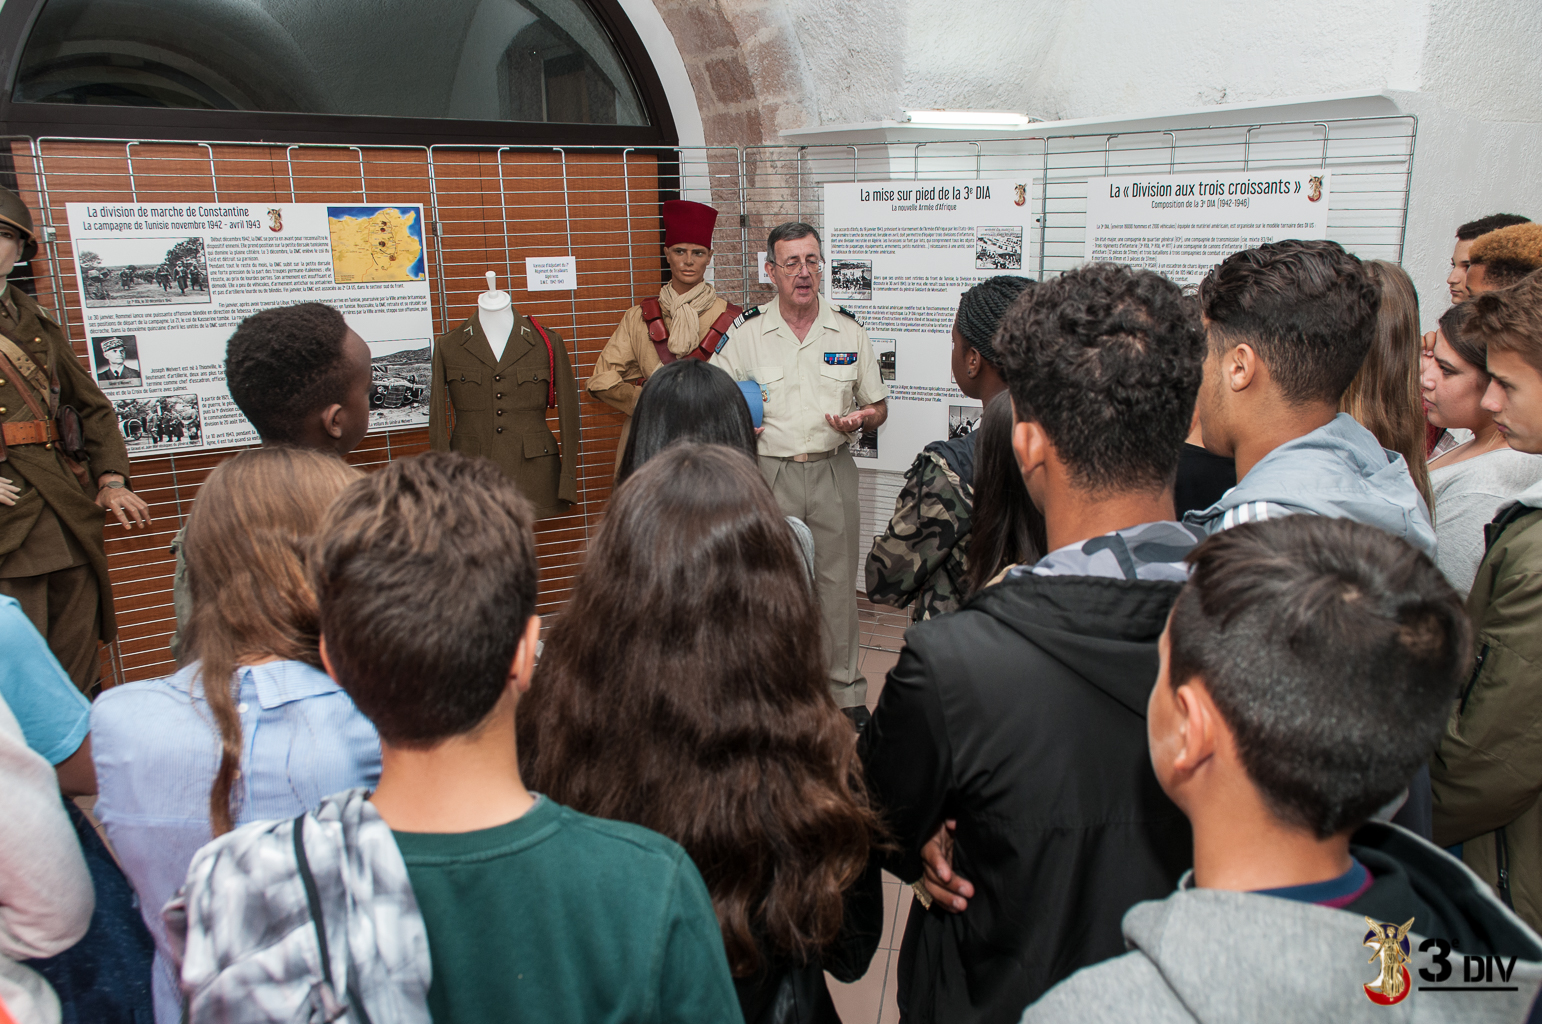 visite du personnel de l'EM 3DIV et de la classe de défense du lycée Gaston Deferre.